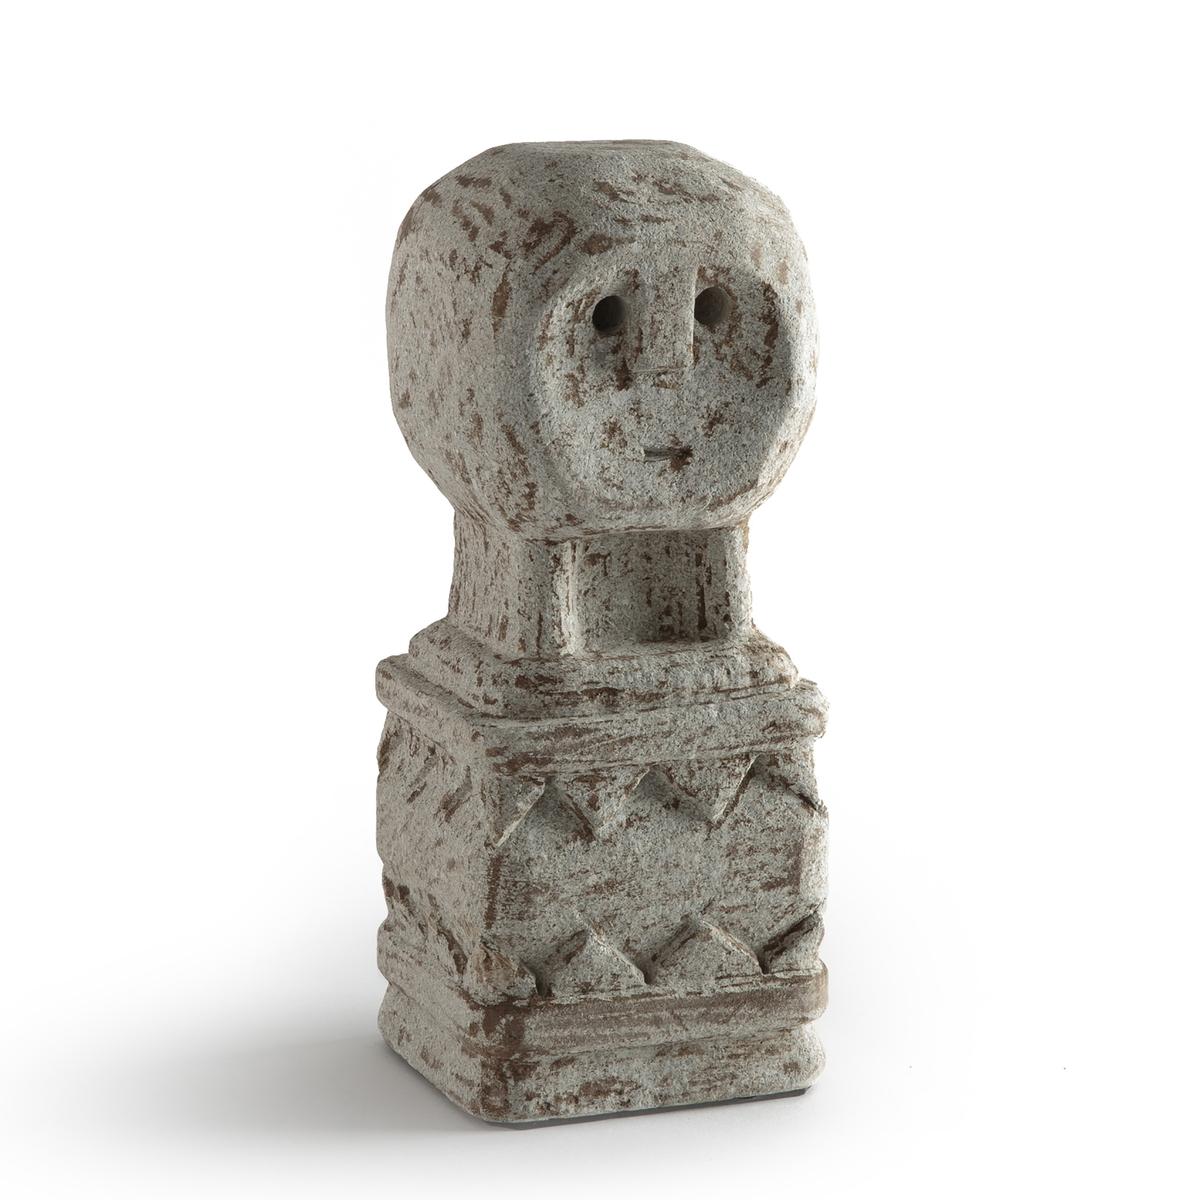 Статуэтка из камня, В.30 см, Aphélie